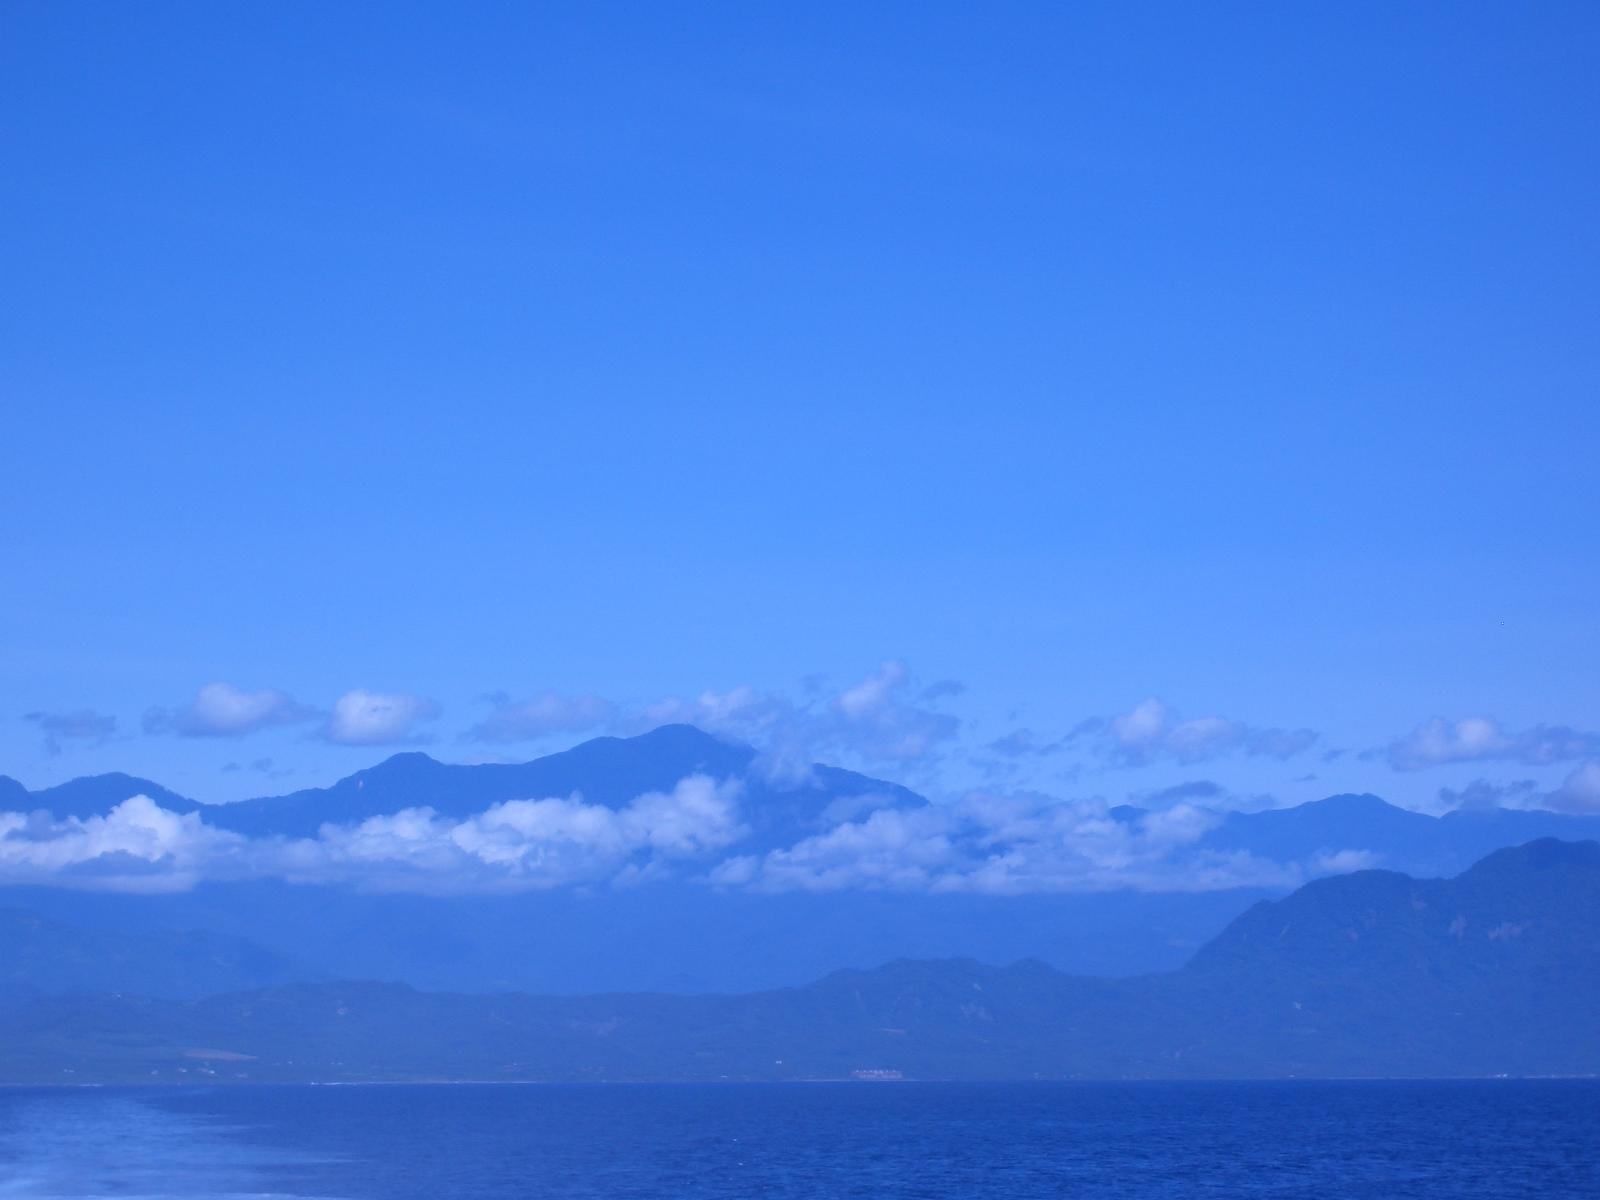 雲都在台灣本島,綠島沒有雲